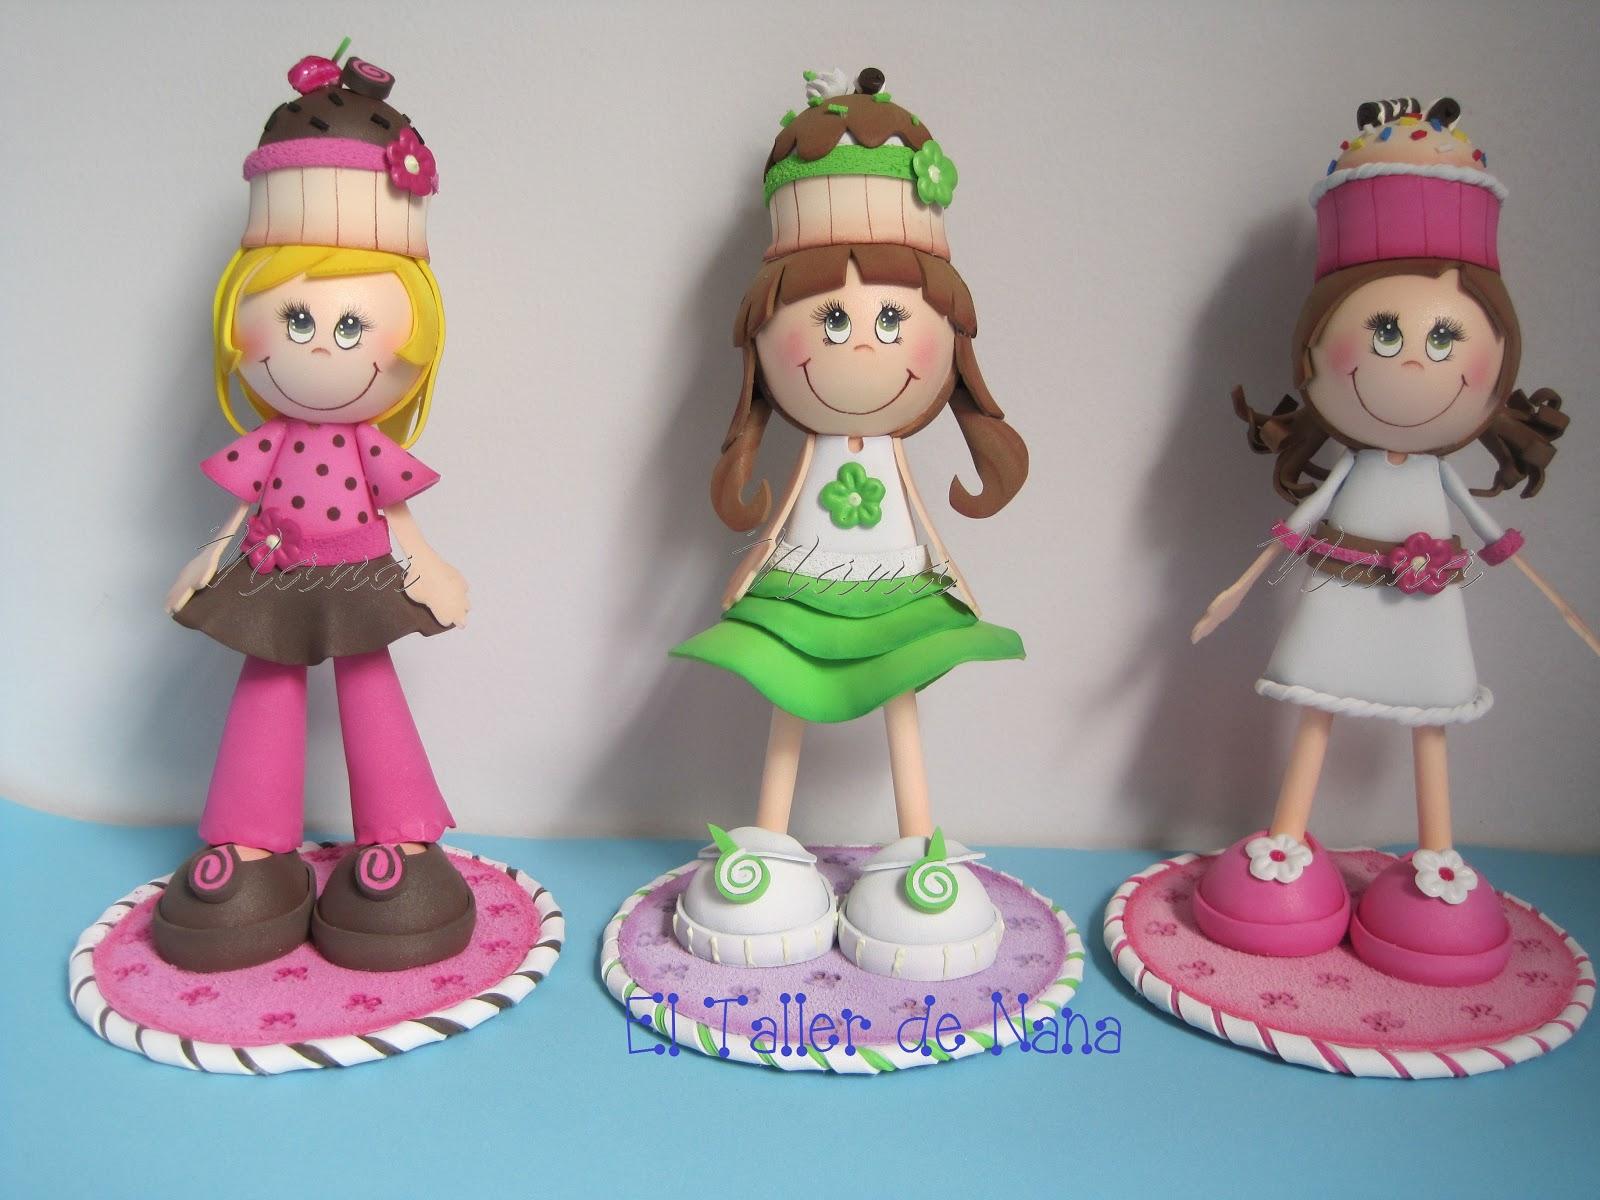 http://3.bp.blogspot.com/-0Hk28usmd_8/Tl_-dzex4eI/AAAAAAAAAuk/w1InjCM_7as/s1600/Fofuchas%20Cupcakes...jpg